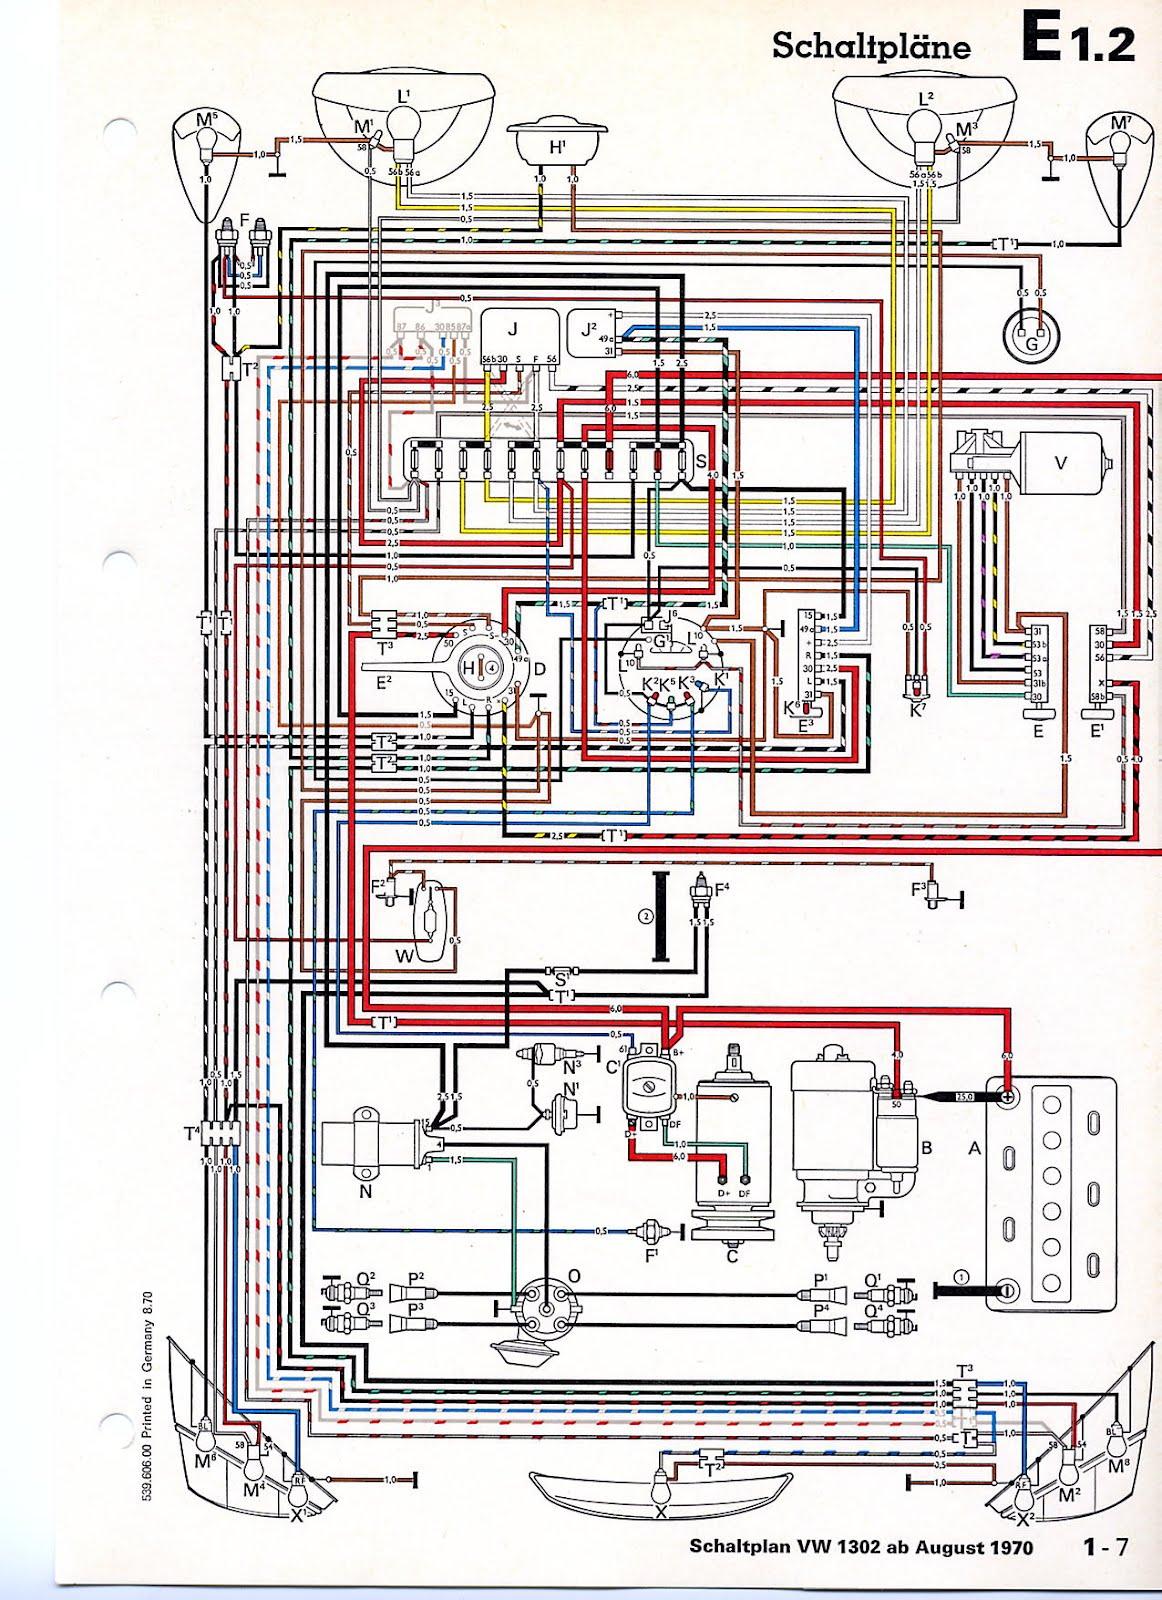 68 volkswagen beetle wiring diagram 68 volkswagen beetle